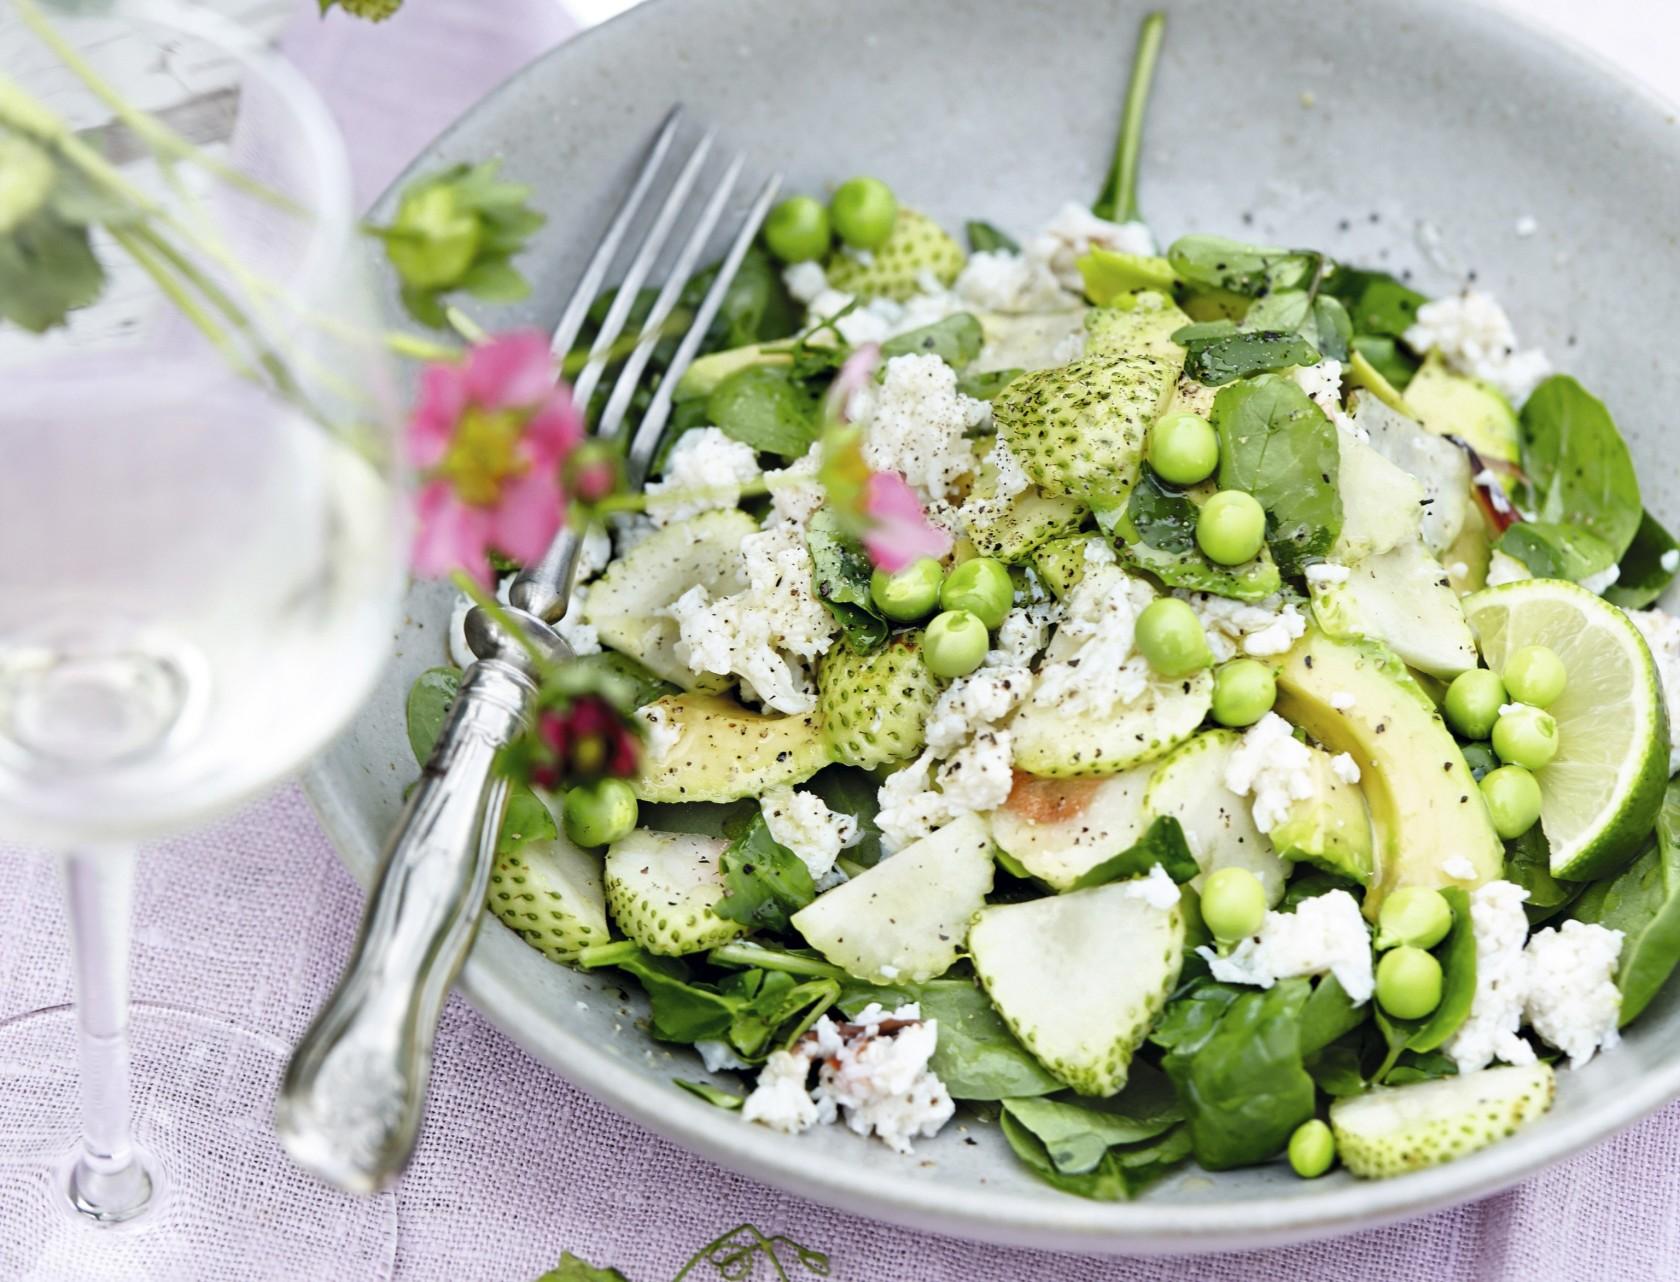 Salat med krabbe, avocado og grønne jordbær